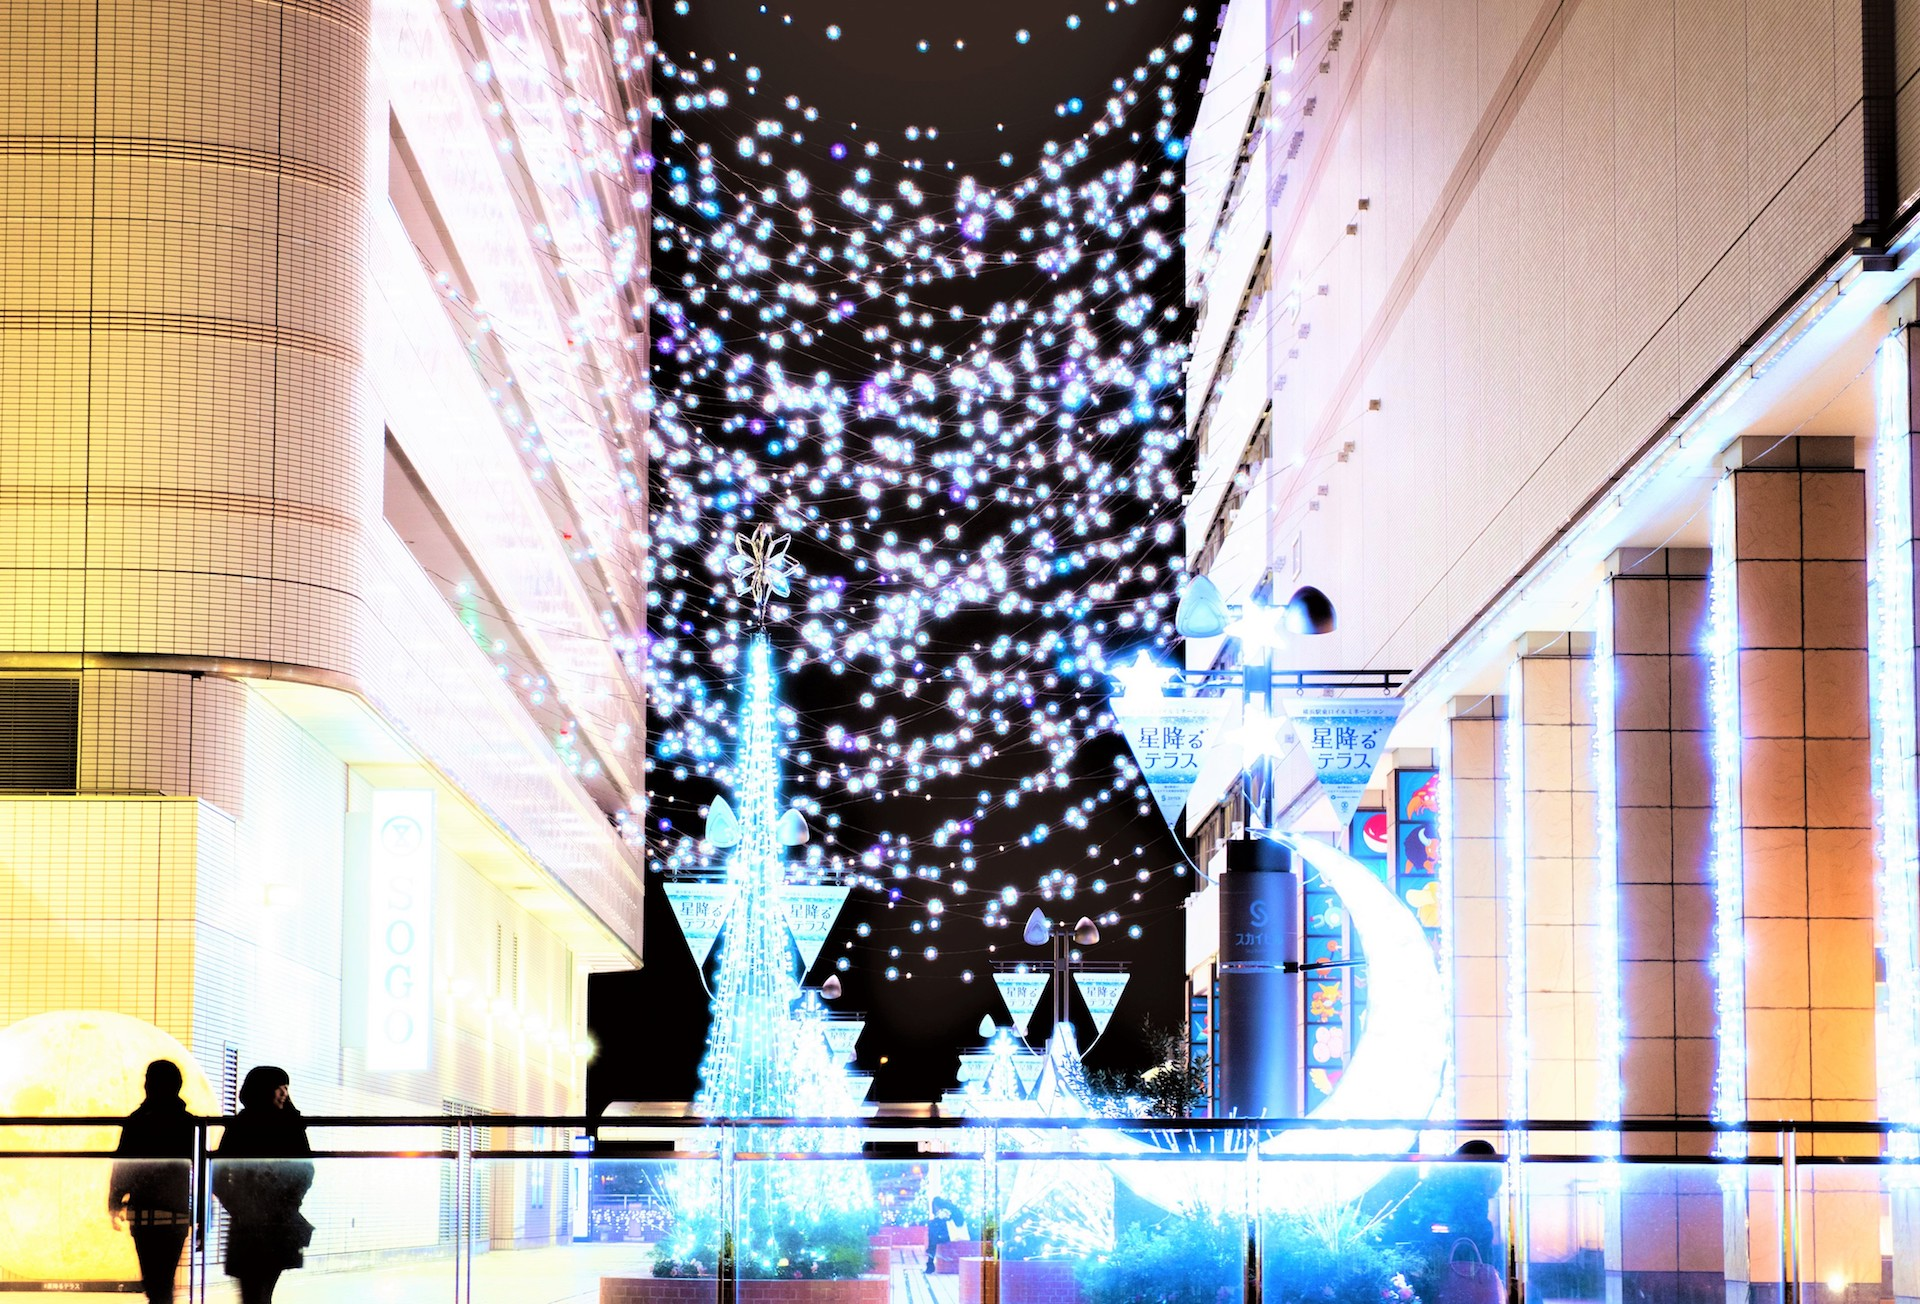 横浜駅東口イルミネーション『星降るテラス』